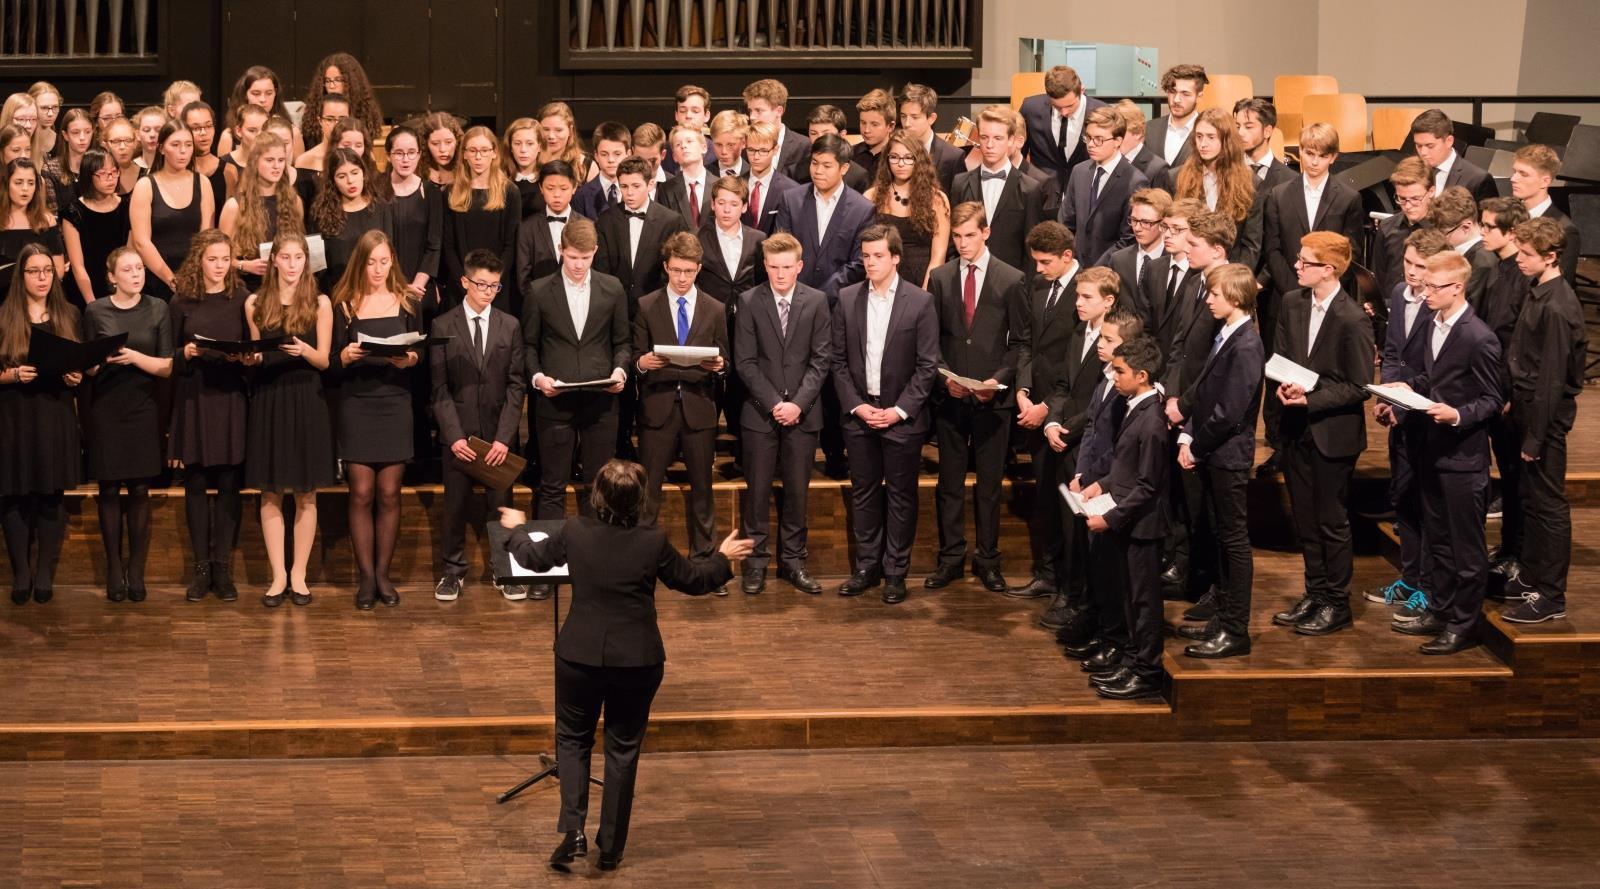 Chor der Mittel- und Oberstufe unter der Leitung von Frau Mittenhuber 1